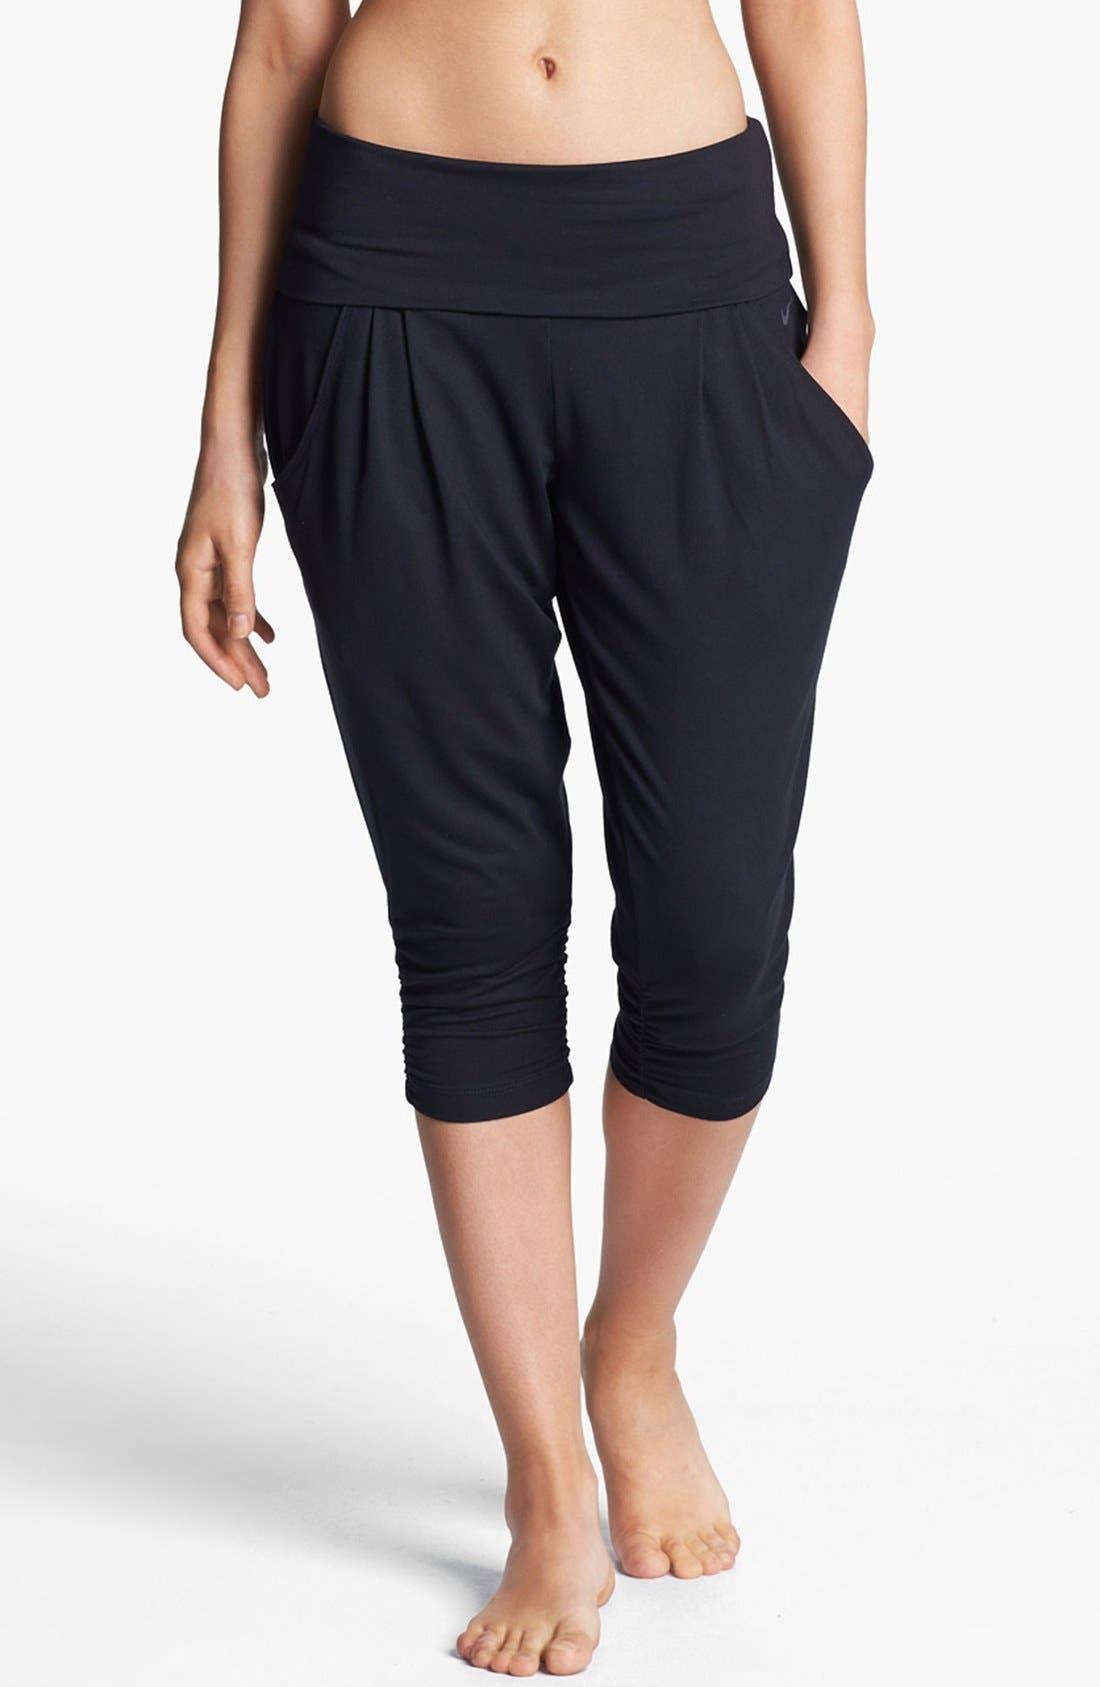 NIKE 'Ace' Crop Pants, Main, color, 010